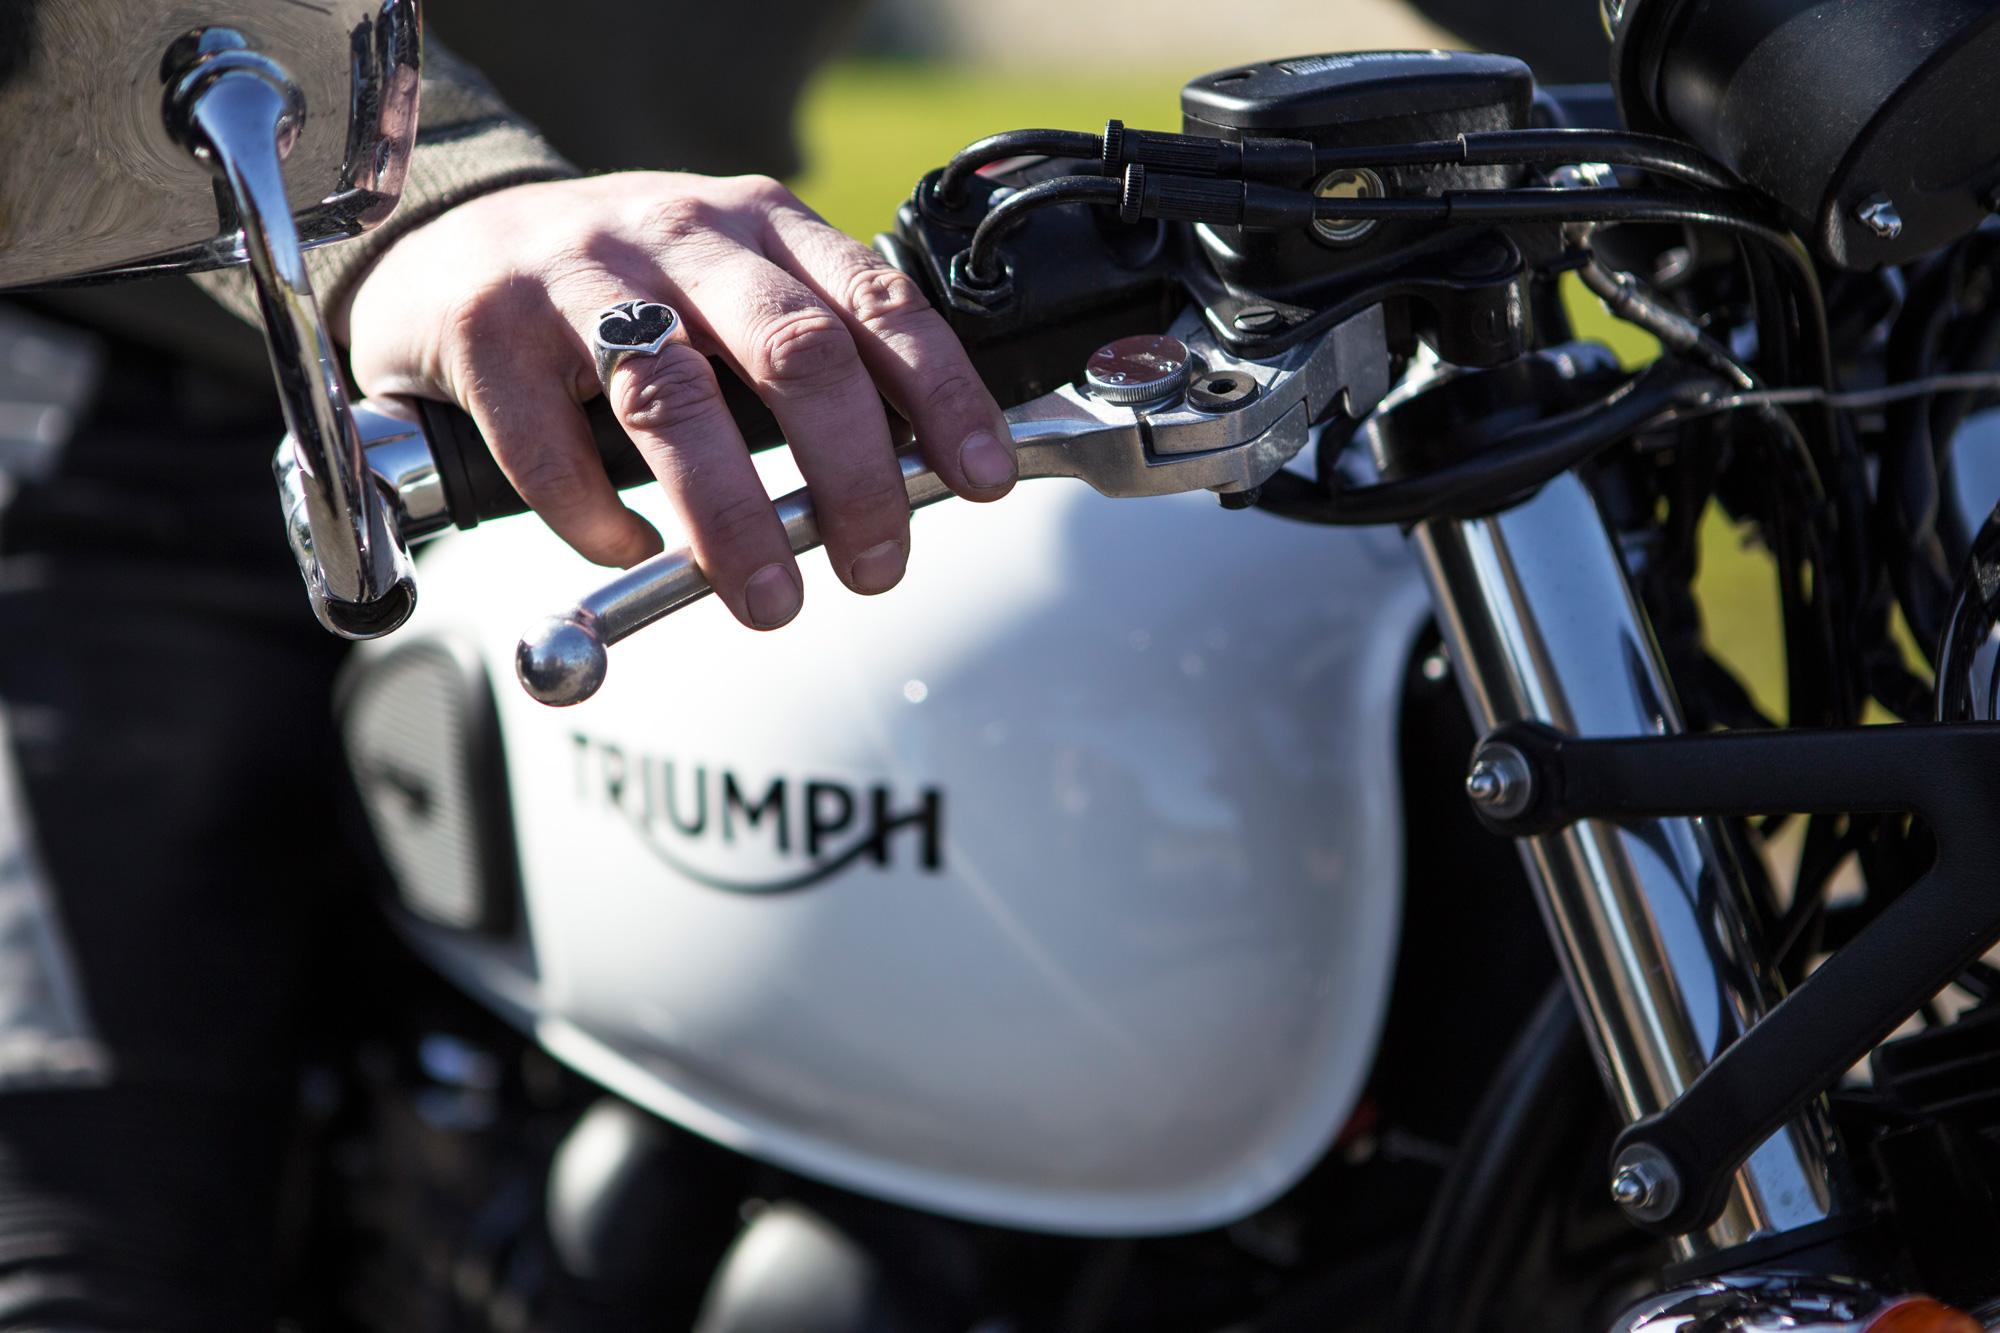 Triumph_NicoleHains_8471.jpg